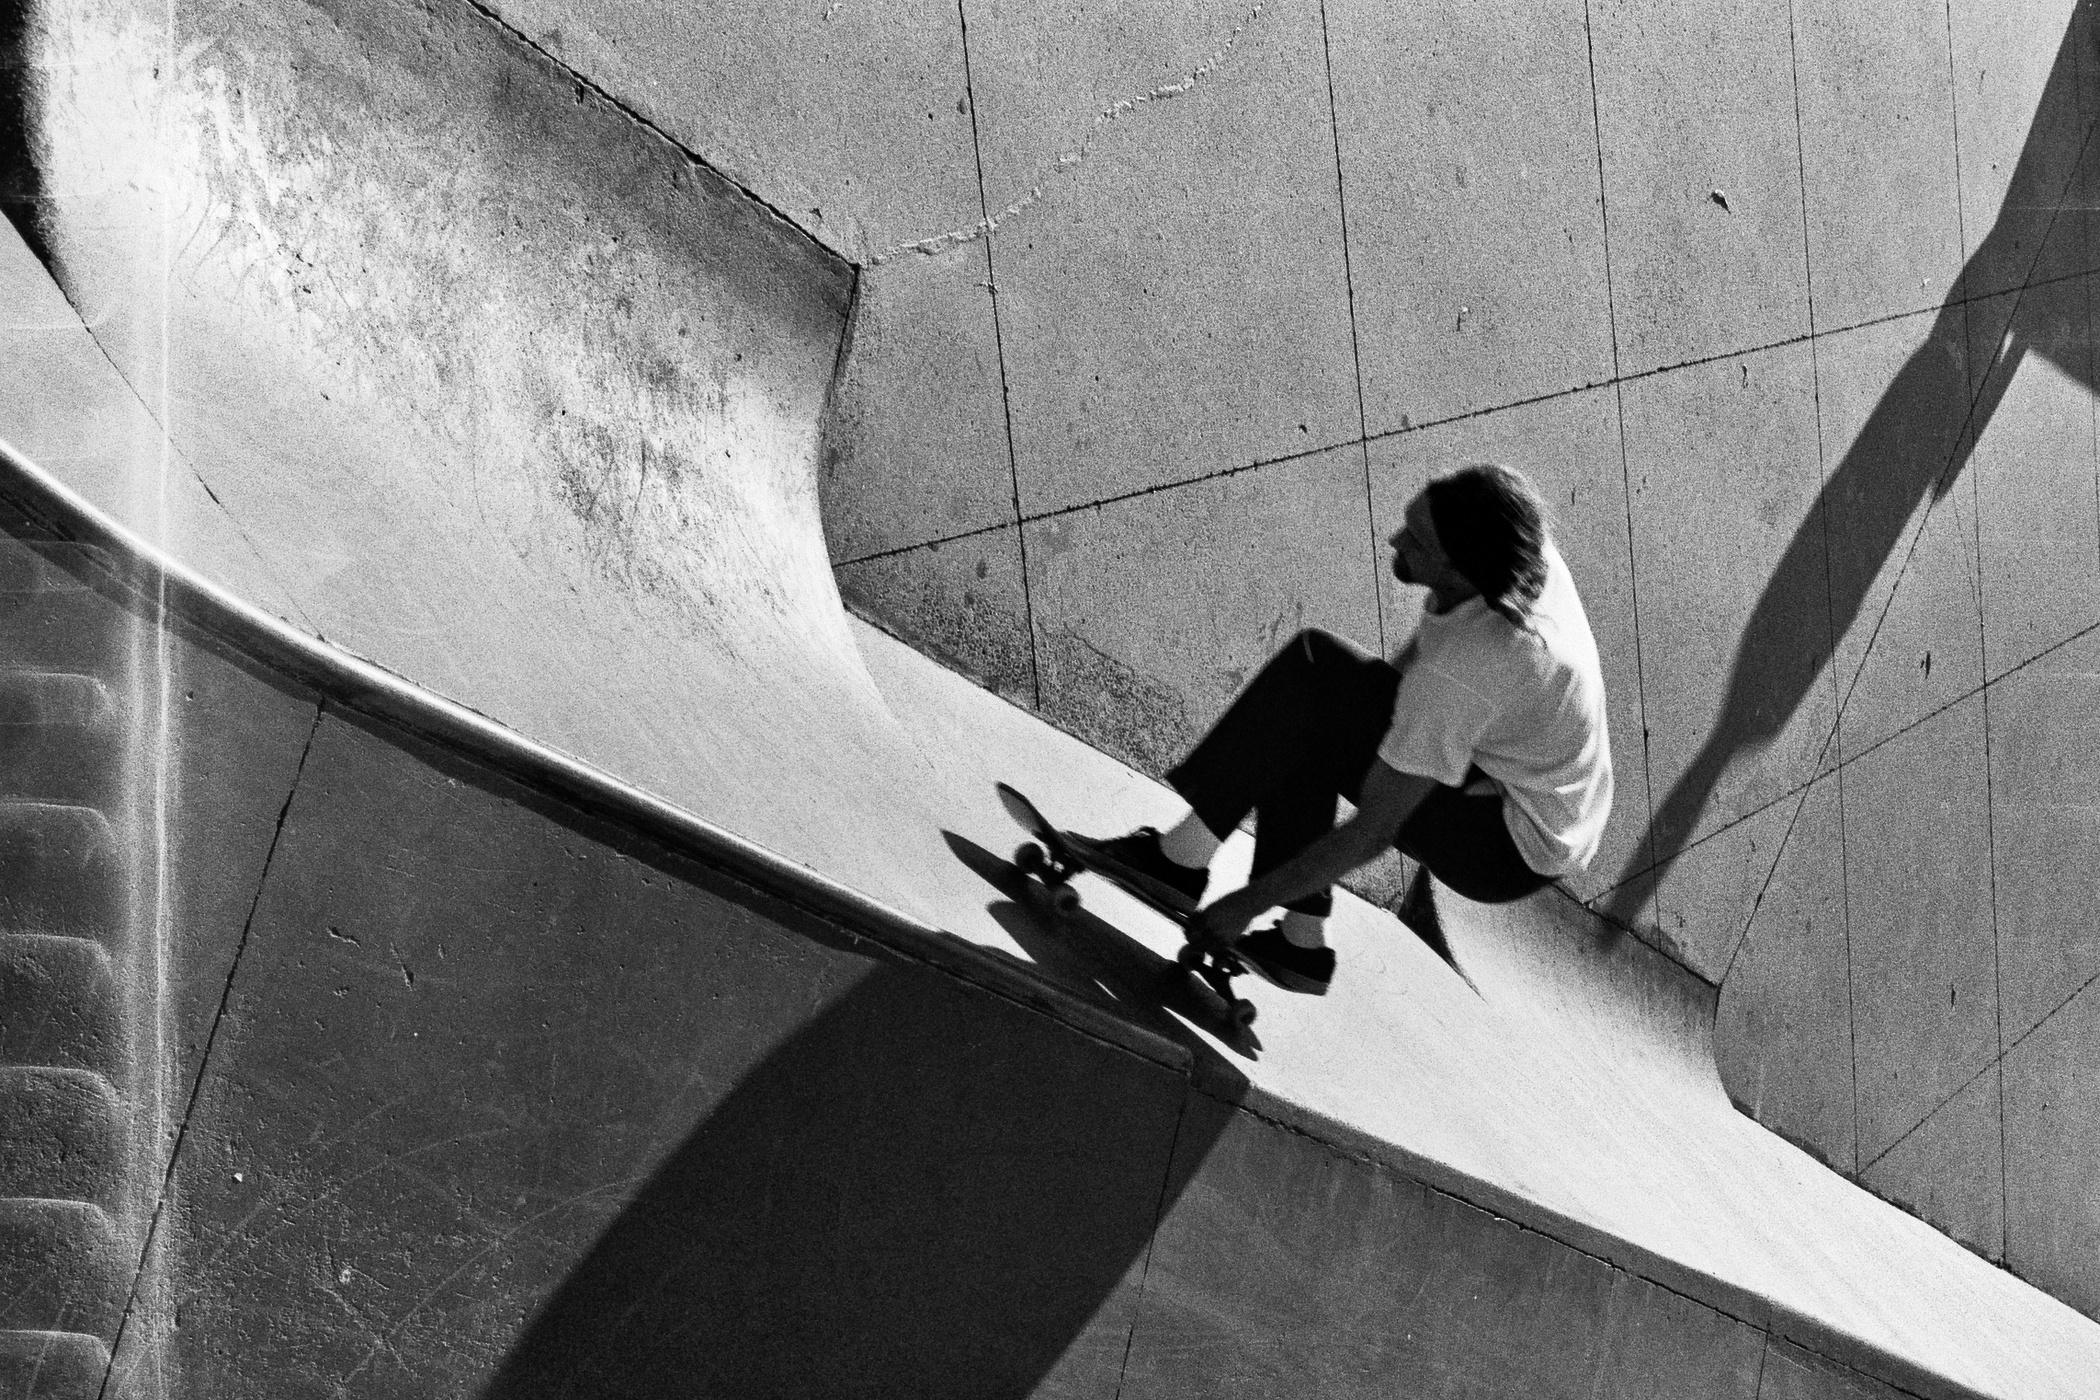 Chris O'shea Wall ride